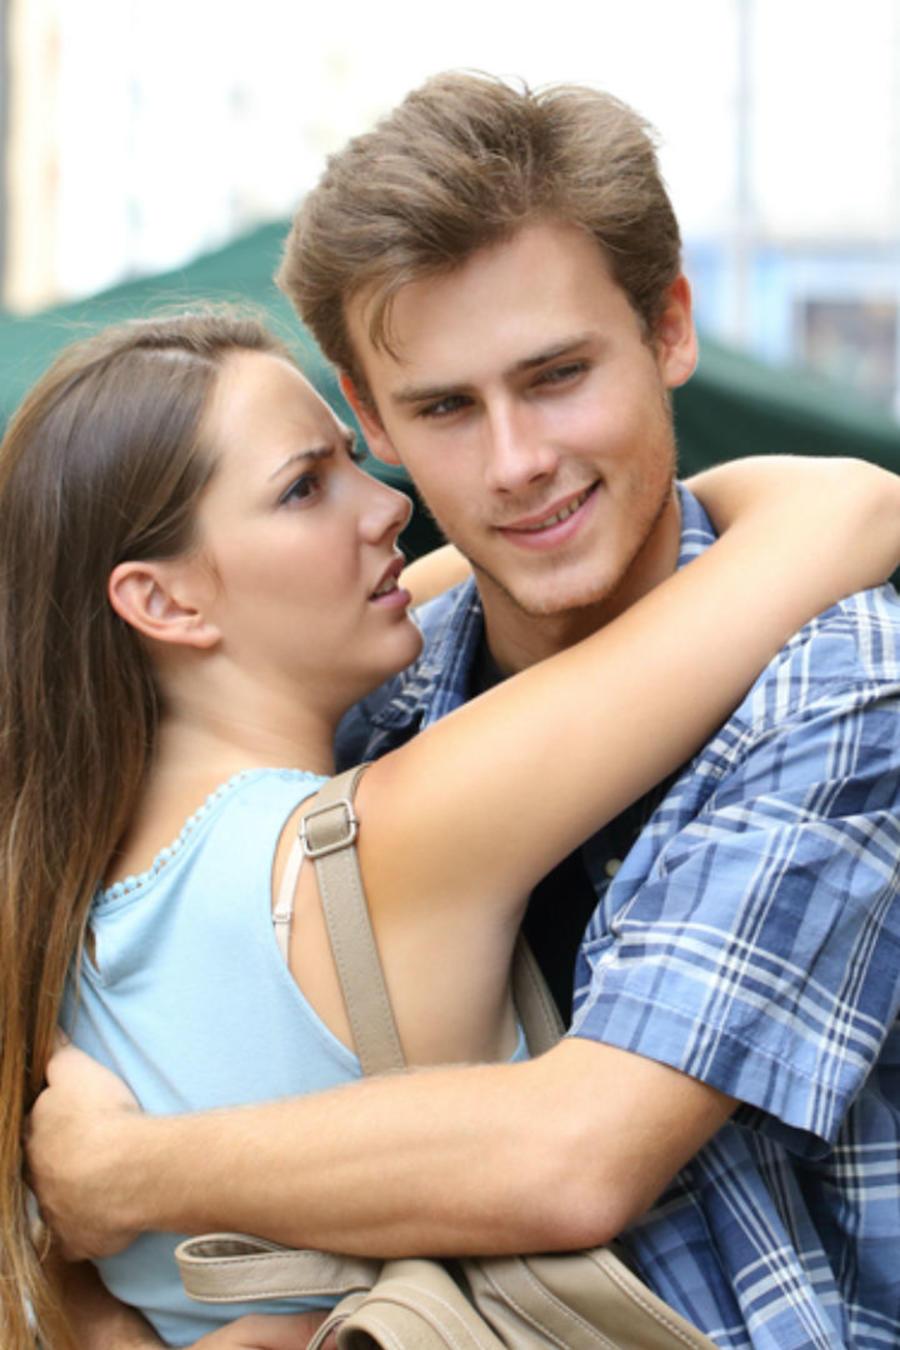 Hombre mirando a una mujer mientras abraza a su novia